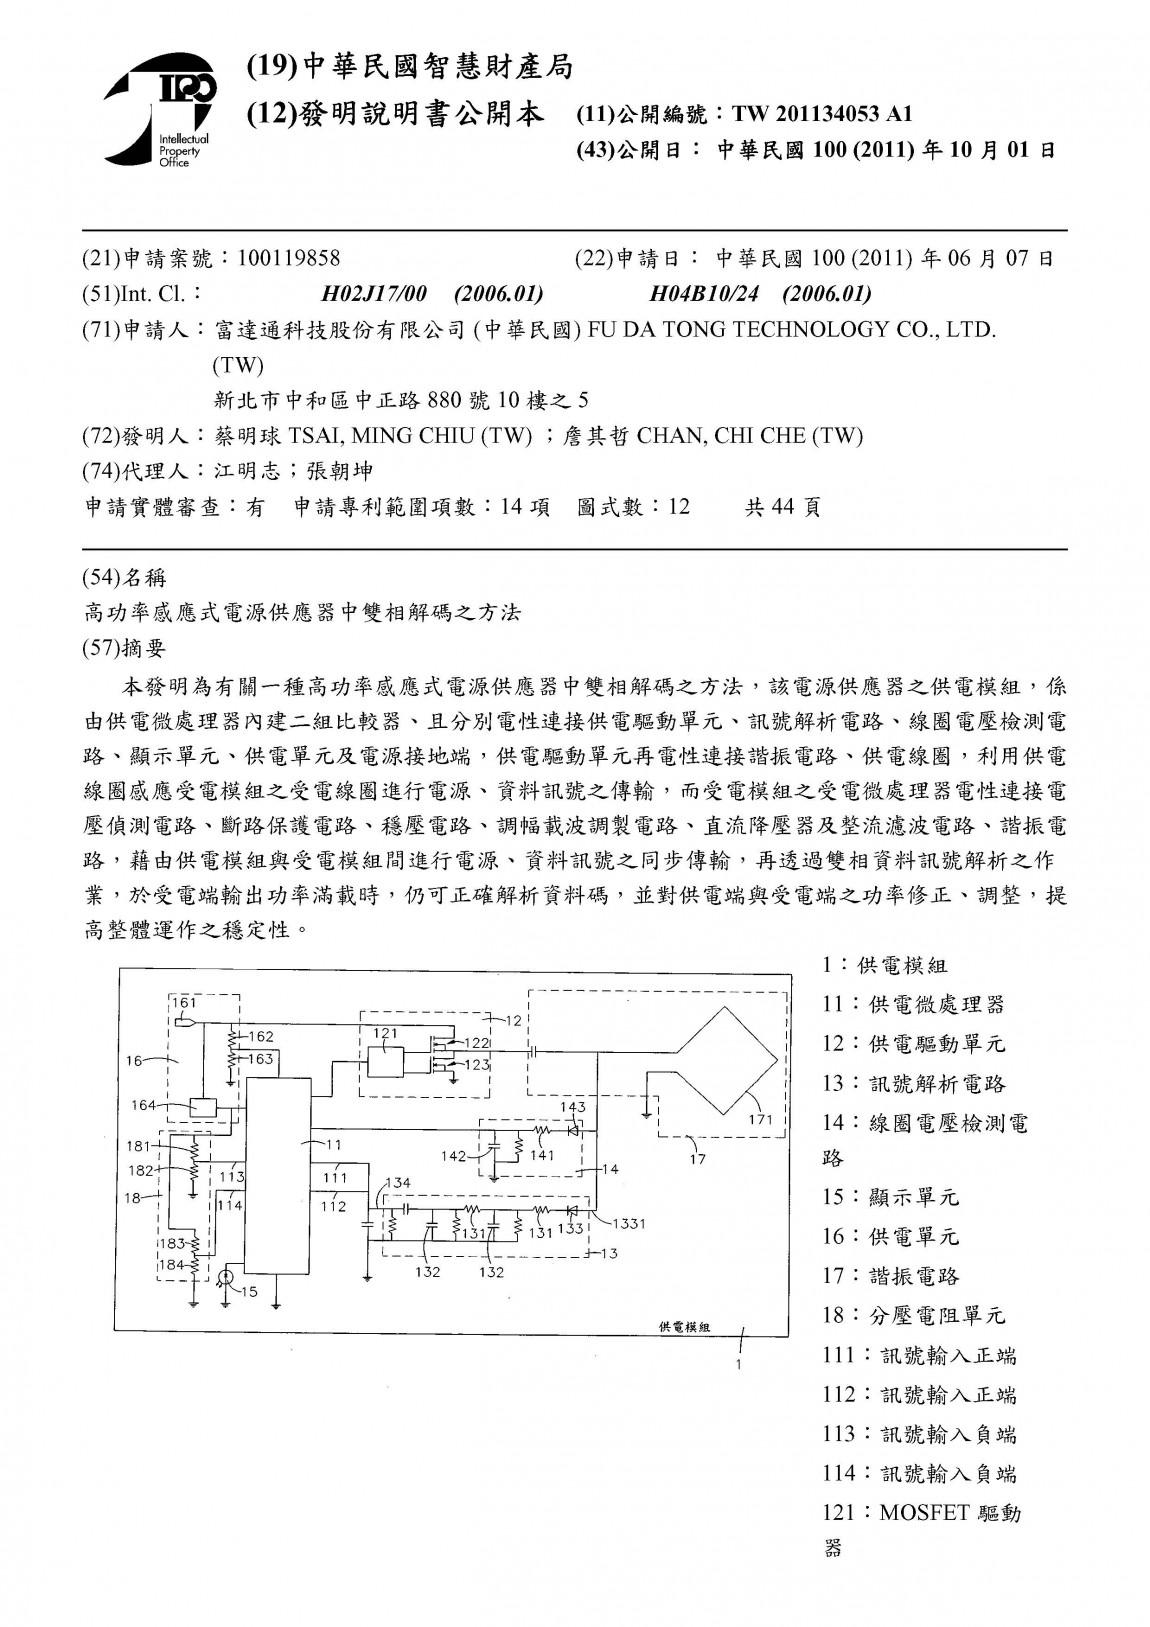 富達通專利11-高功率感應式電源供應器中雙相解碼之方法(台灣)201134053